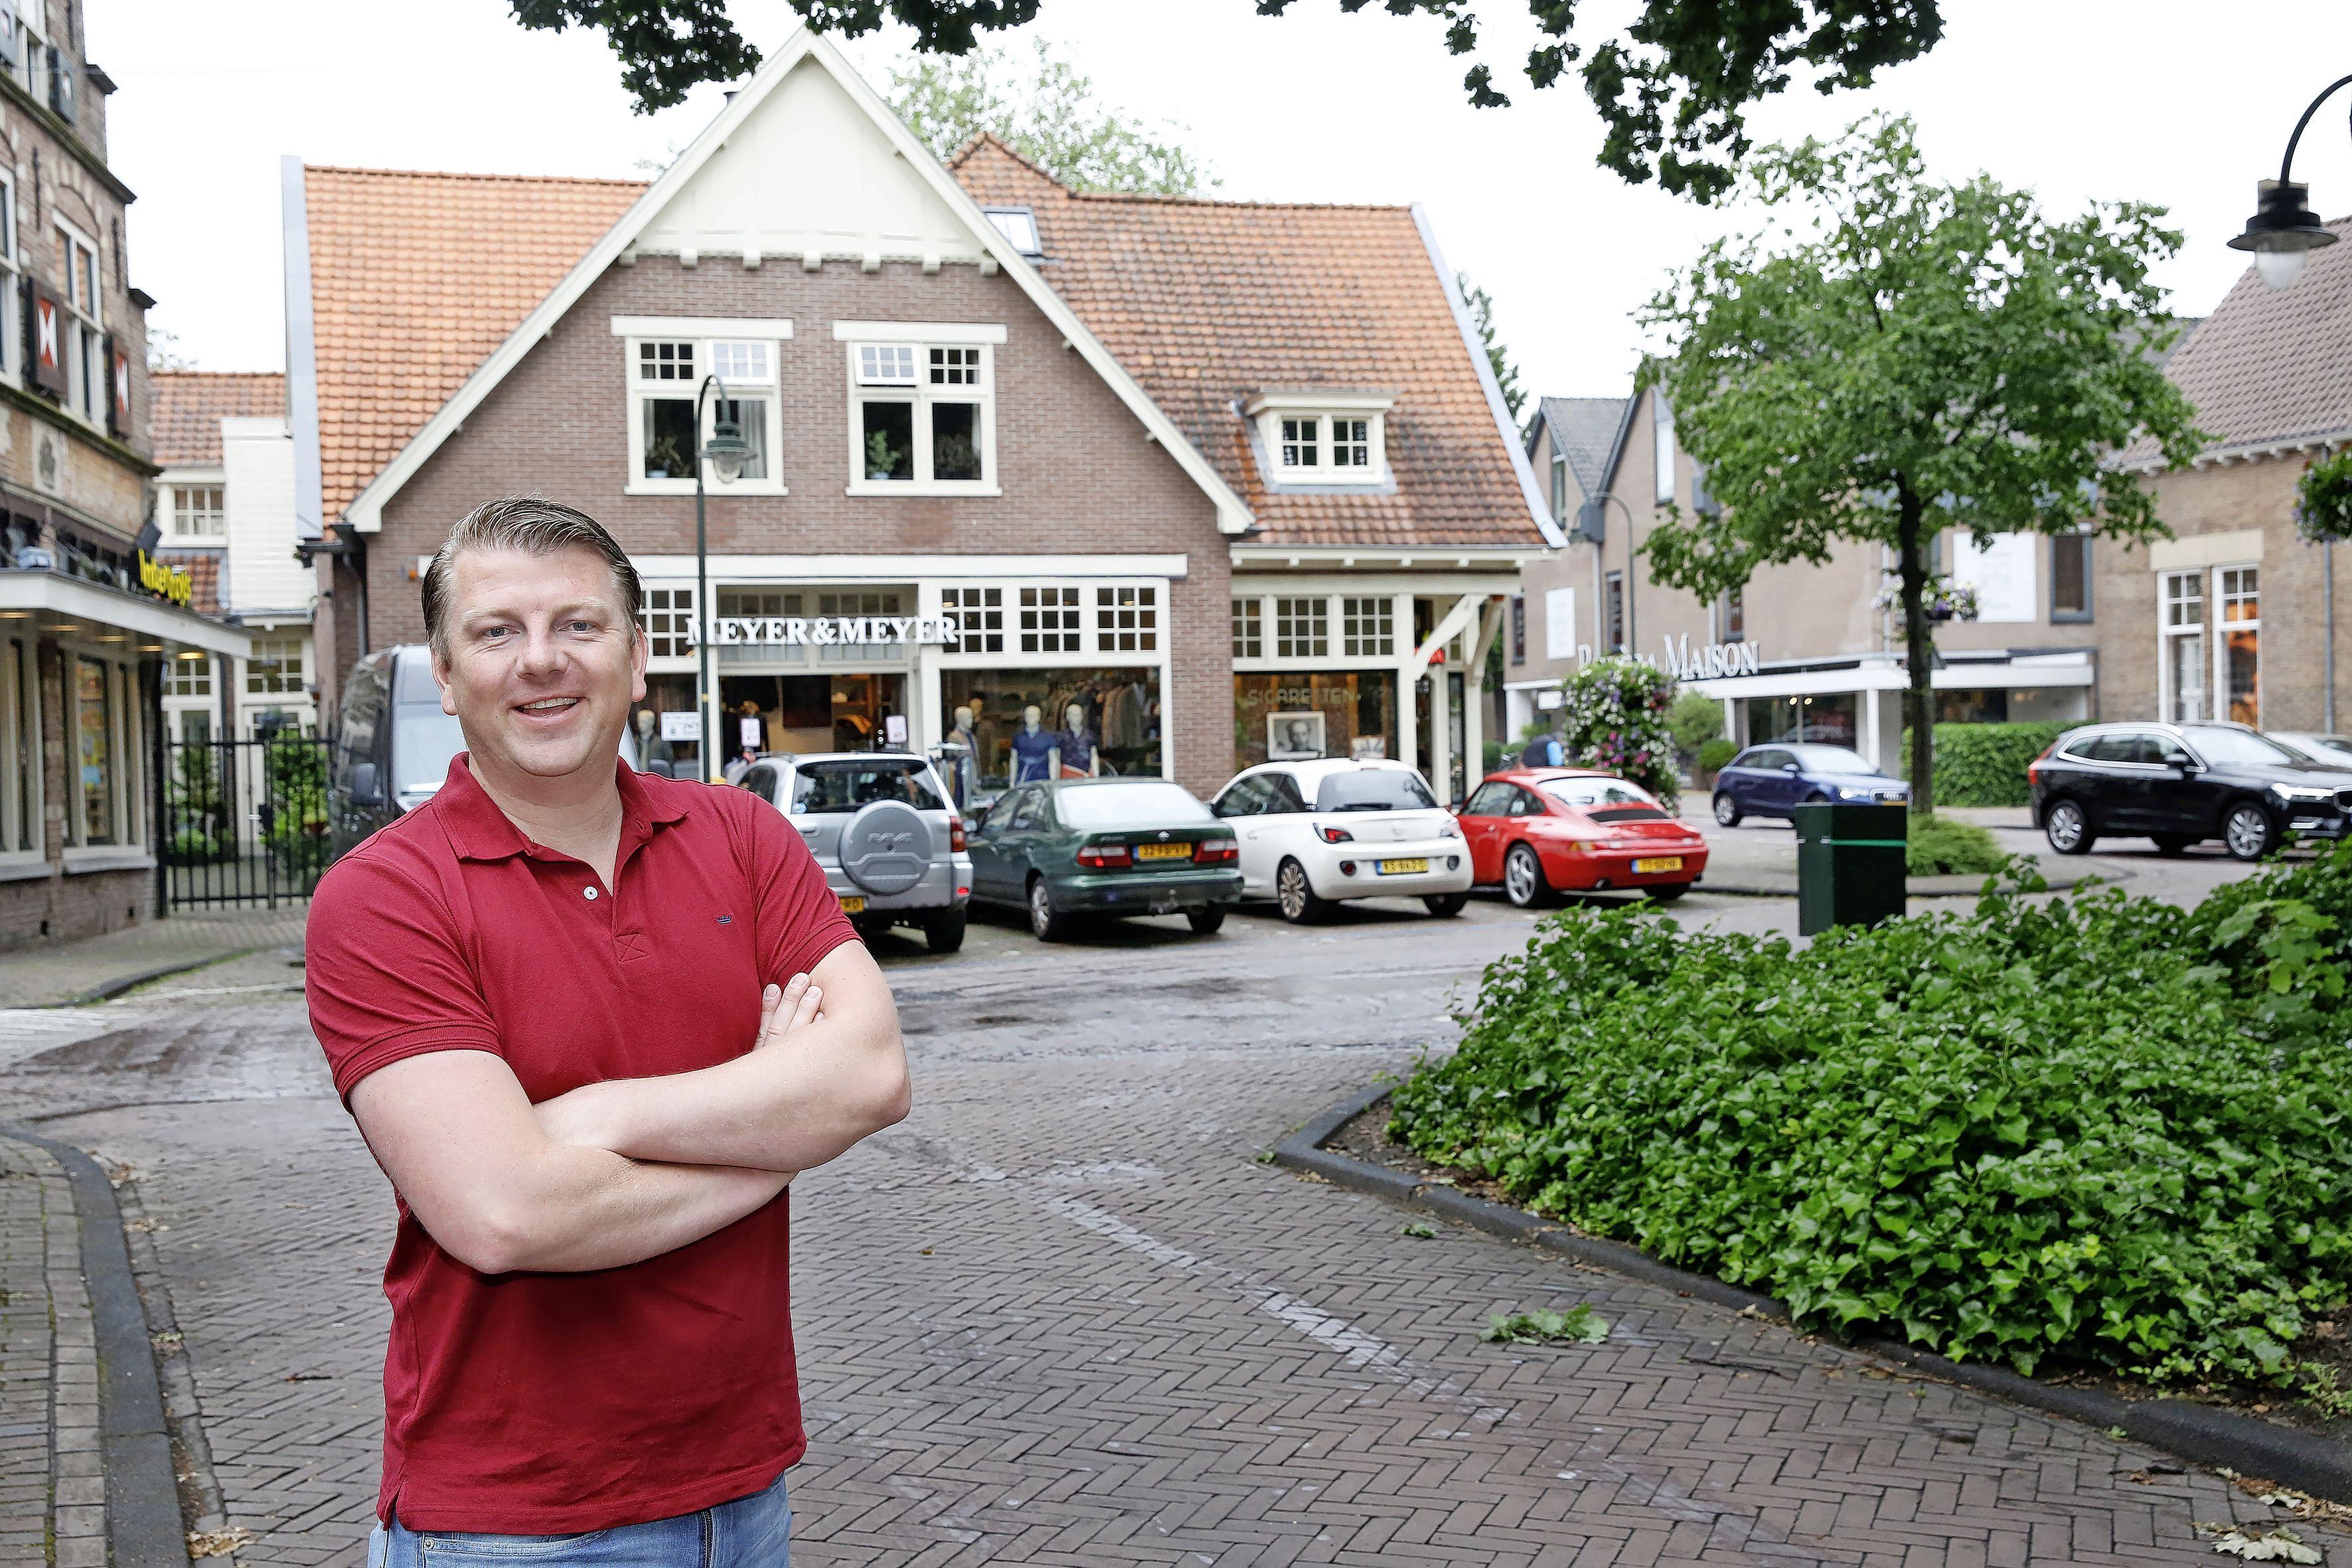 Huizer wijnhandelaar Rutger Siersma opent derde zaak in Laren; 'Een prachtige plek om het verhaal achter de wijn te vertellen'